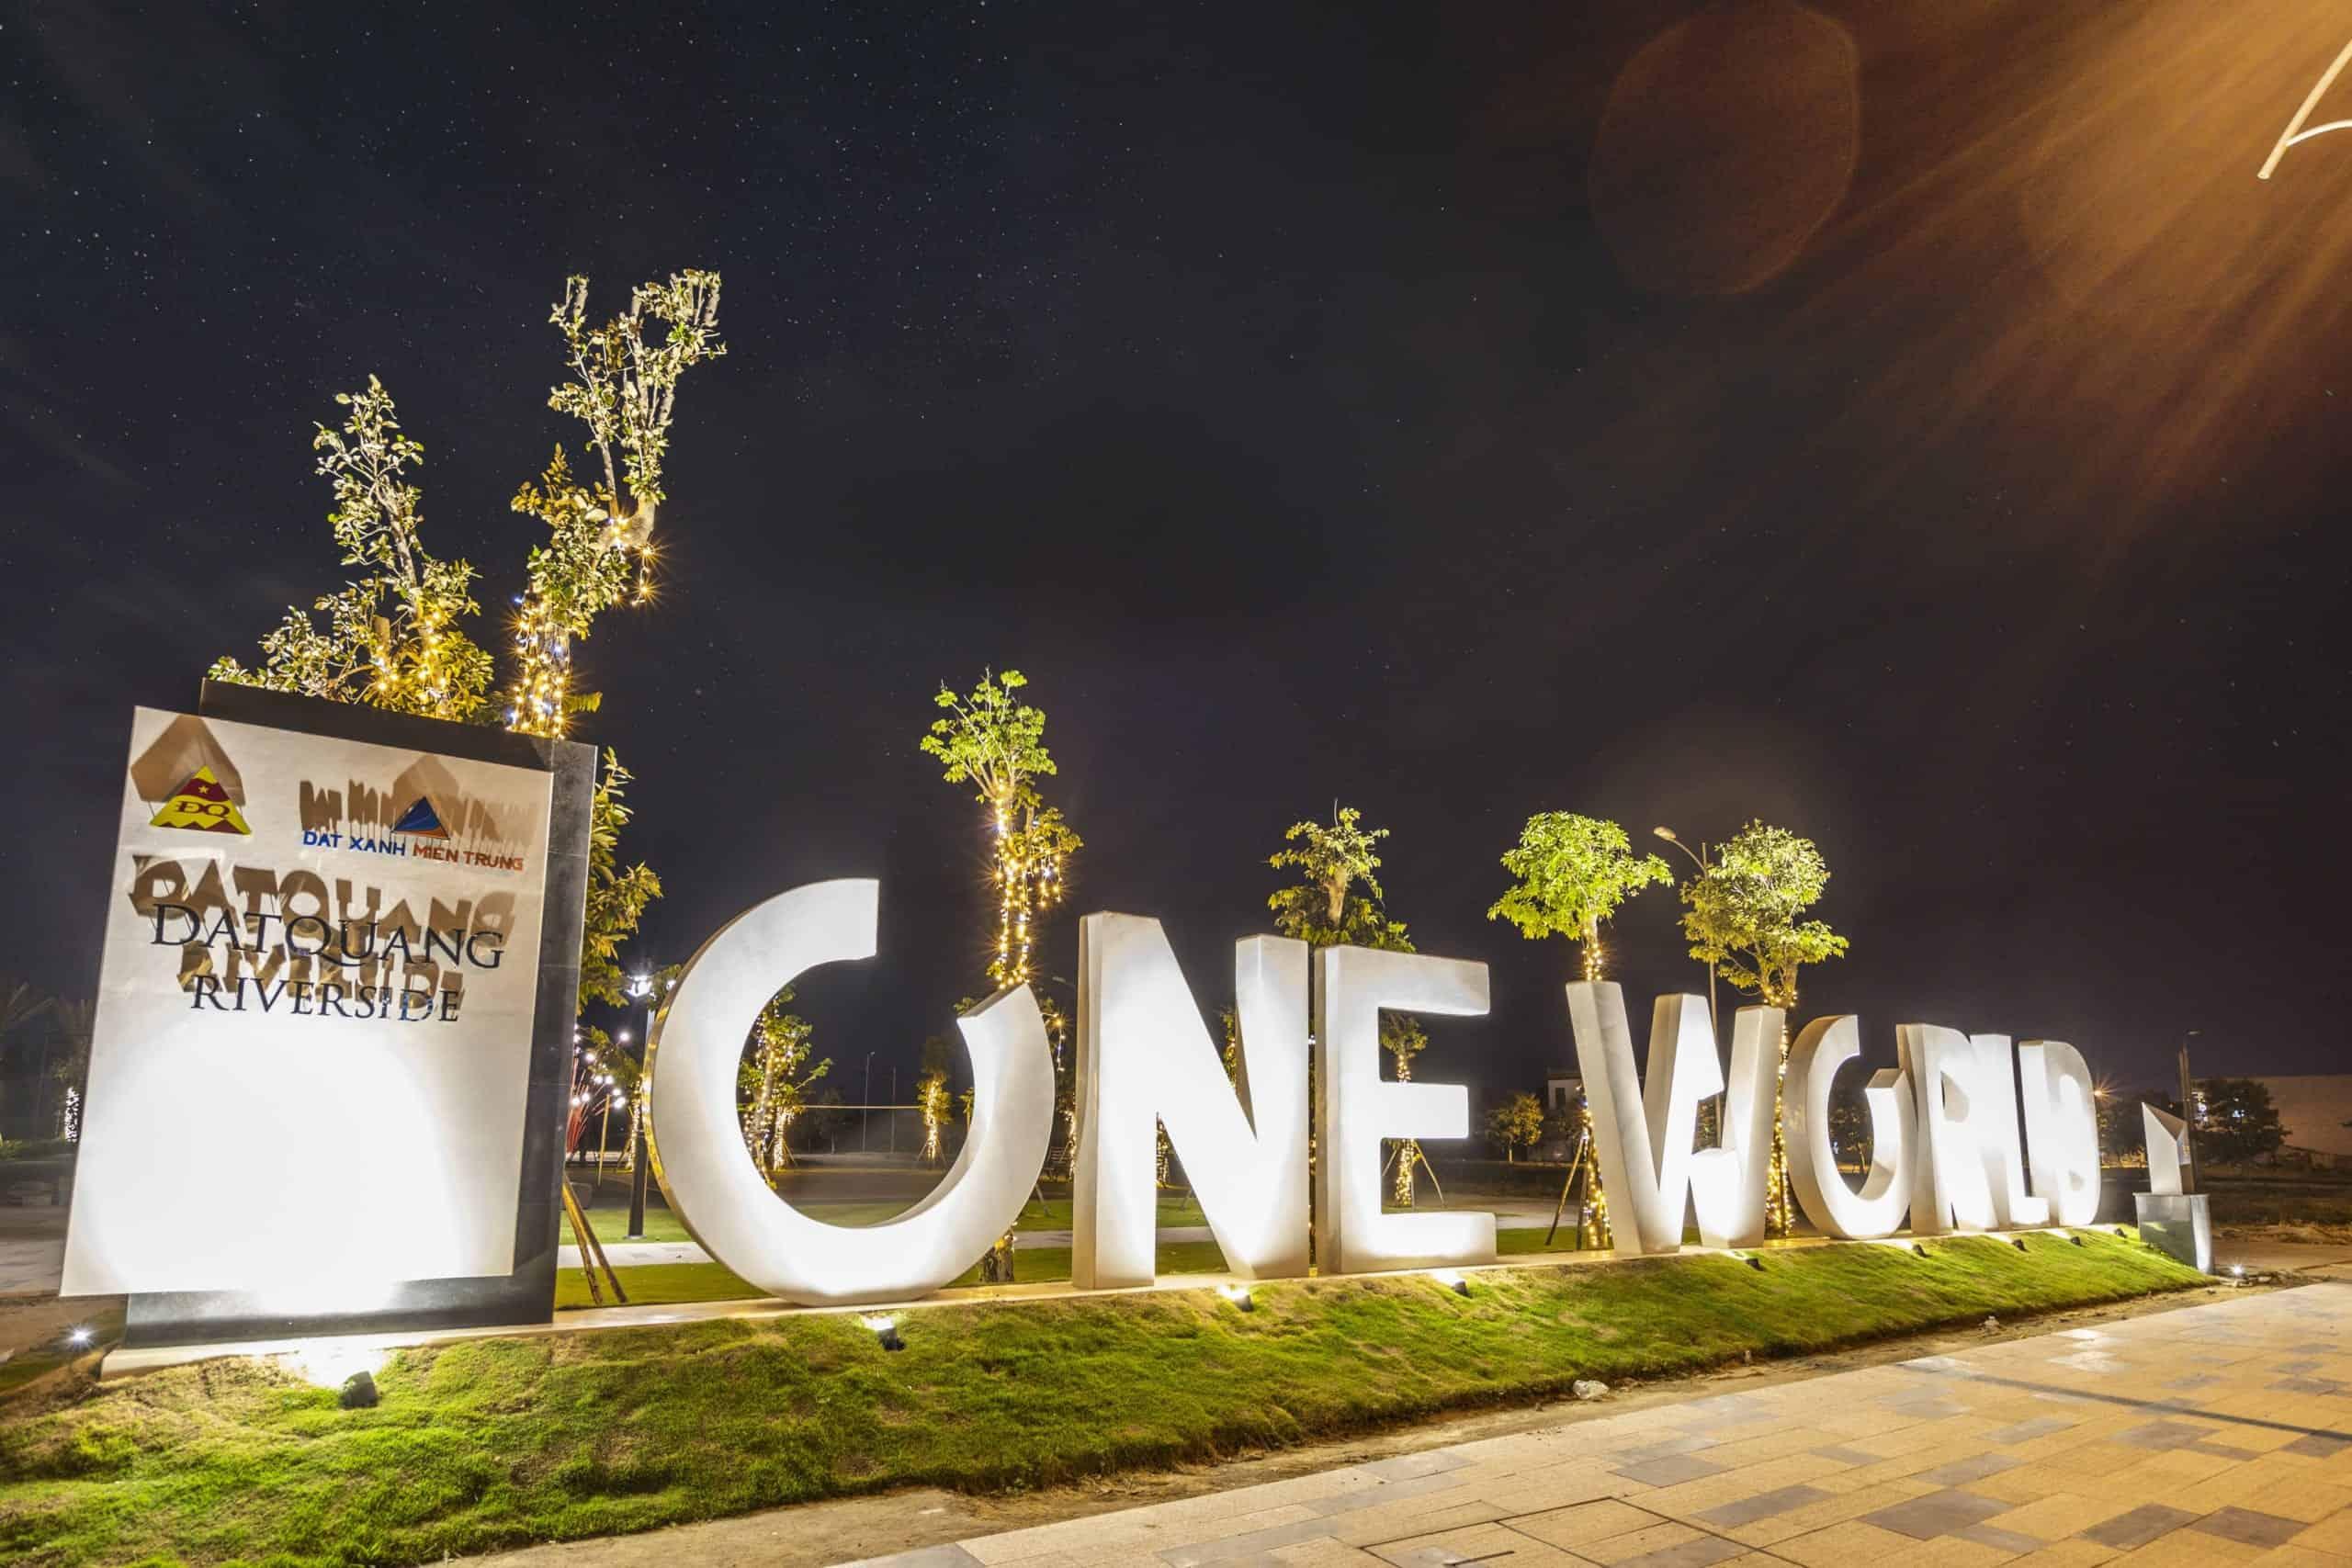 Nhân Dịp Chào Năm Mới 2021 CÔNG TY ĐXMT có 05 suất ngoại giao của dự án ONE WORLD REGENCY giá 1.47 tỷ